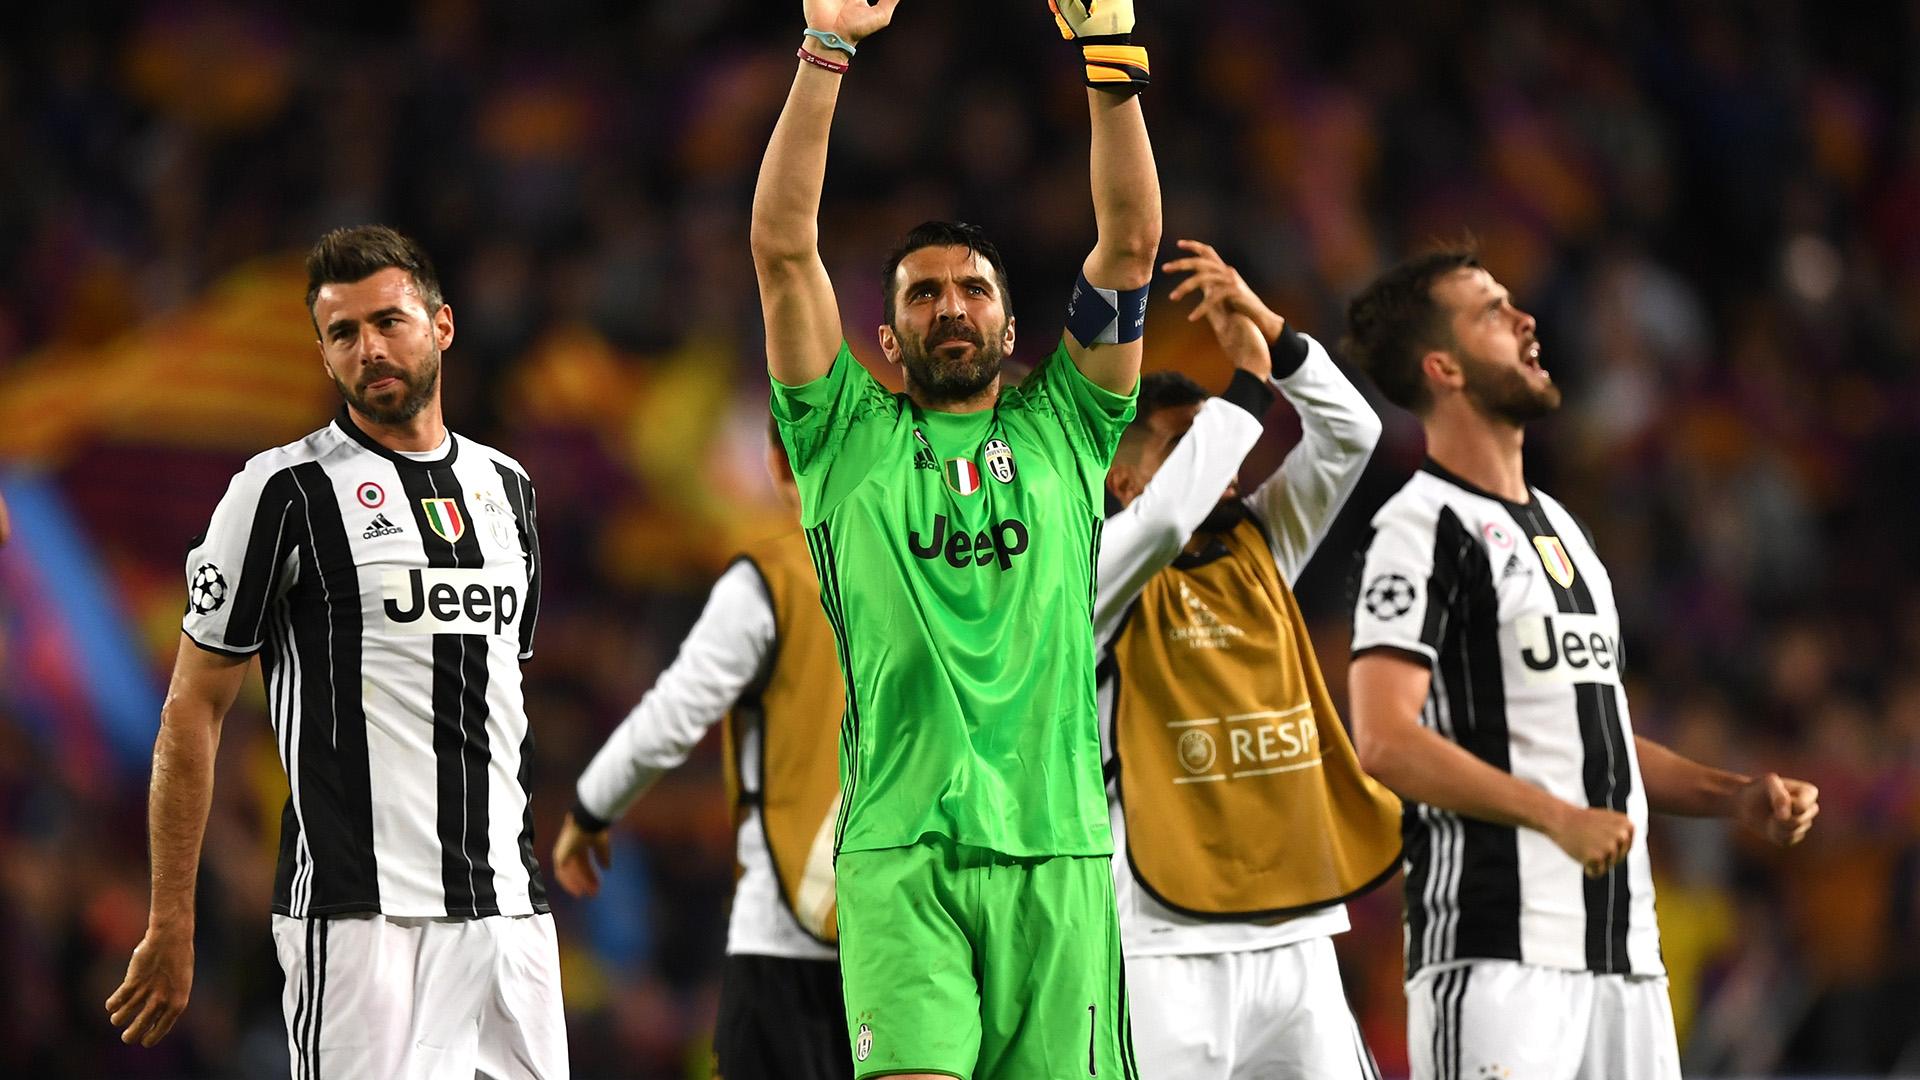 Champions League, Barcellona-Juventus: streaming e probabili formazioni